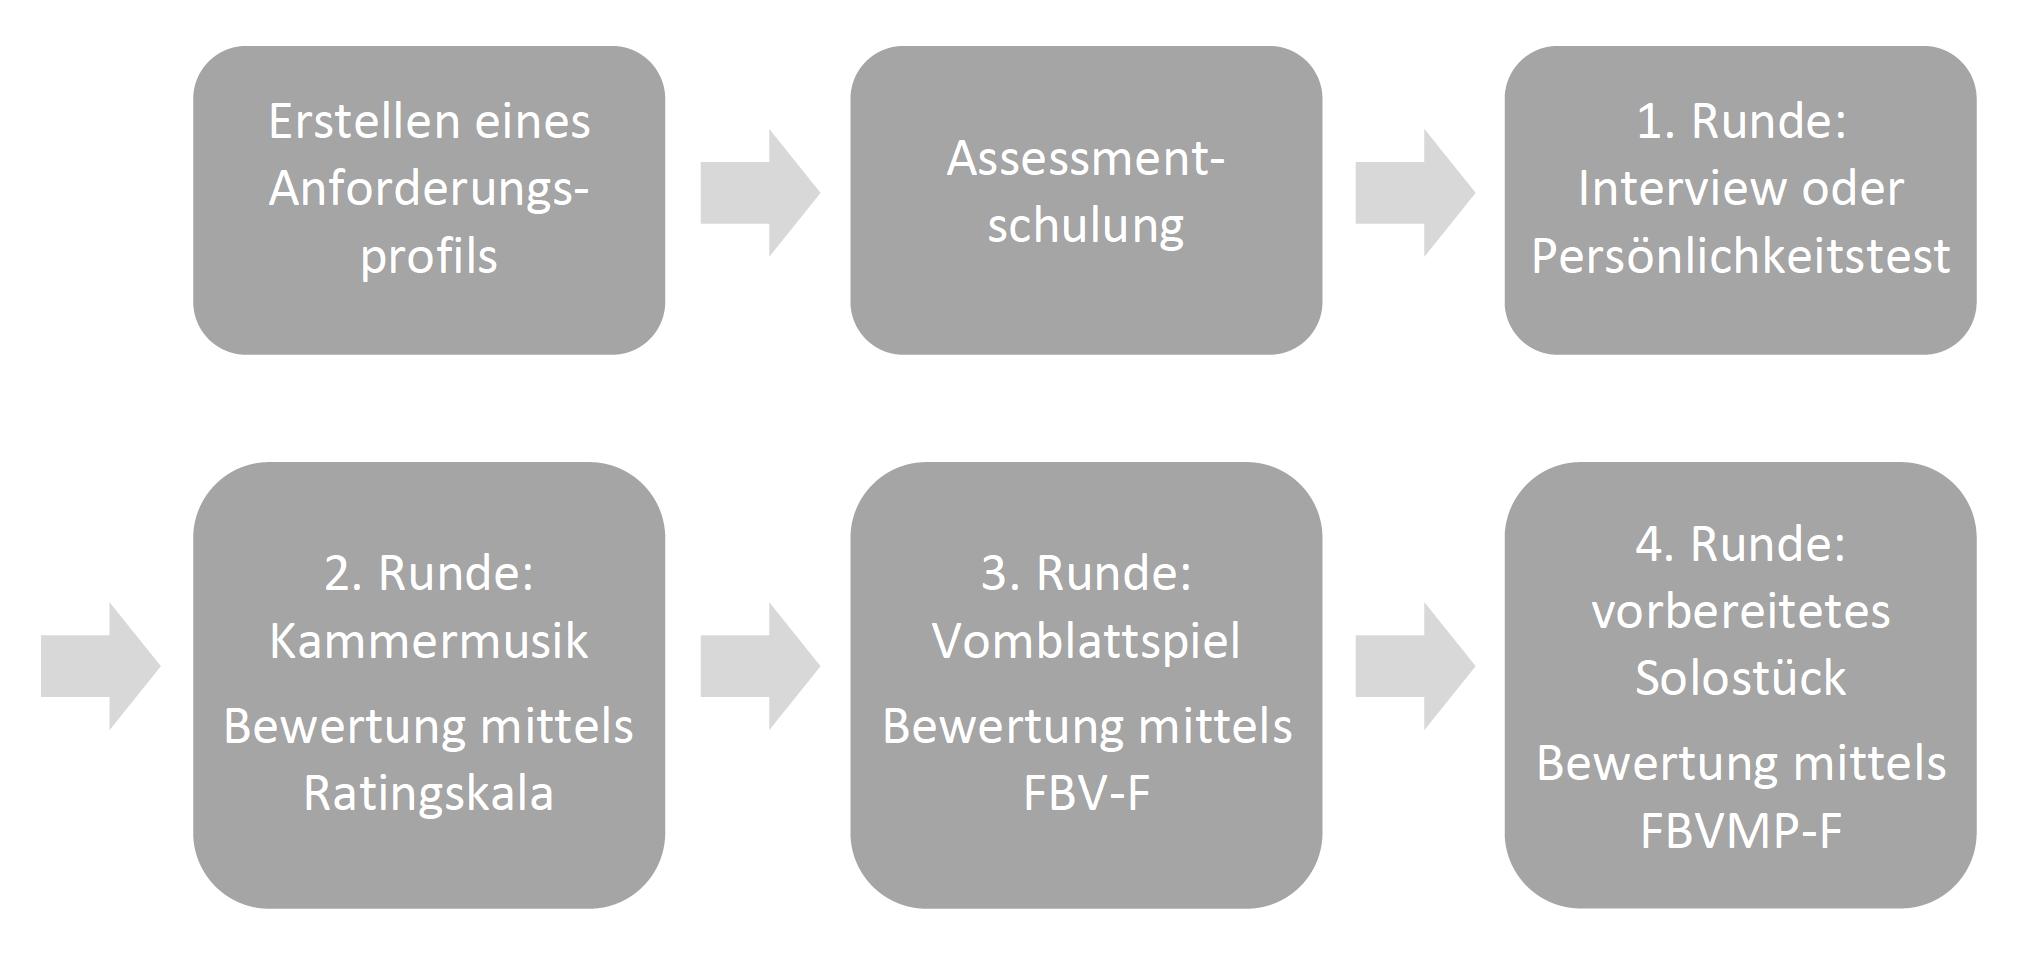 Ablauf eines optimierten Probespielverfahrens(FBV-F und FBVMP-F sind Ratingskalen).